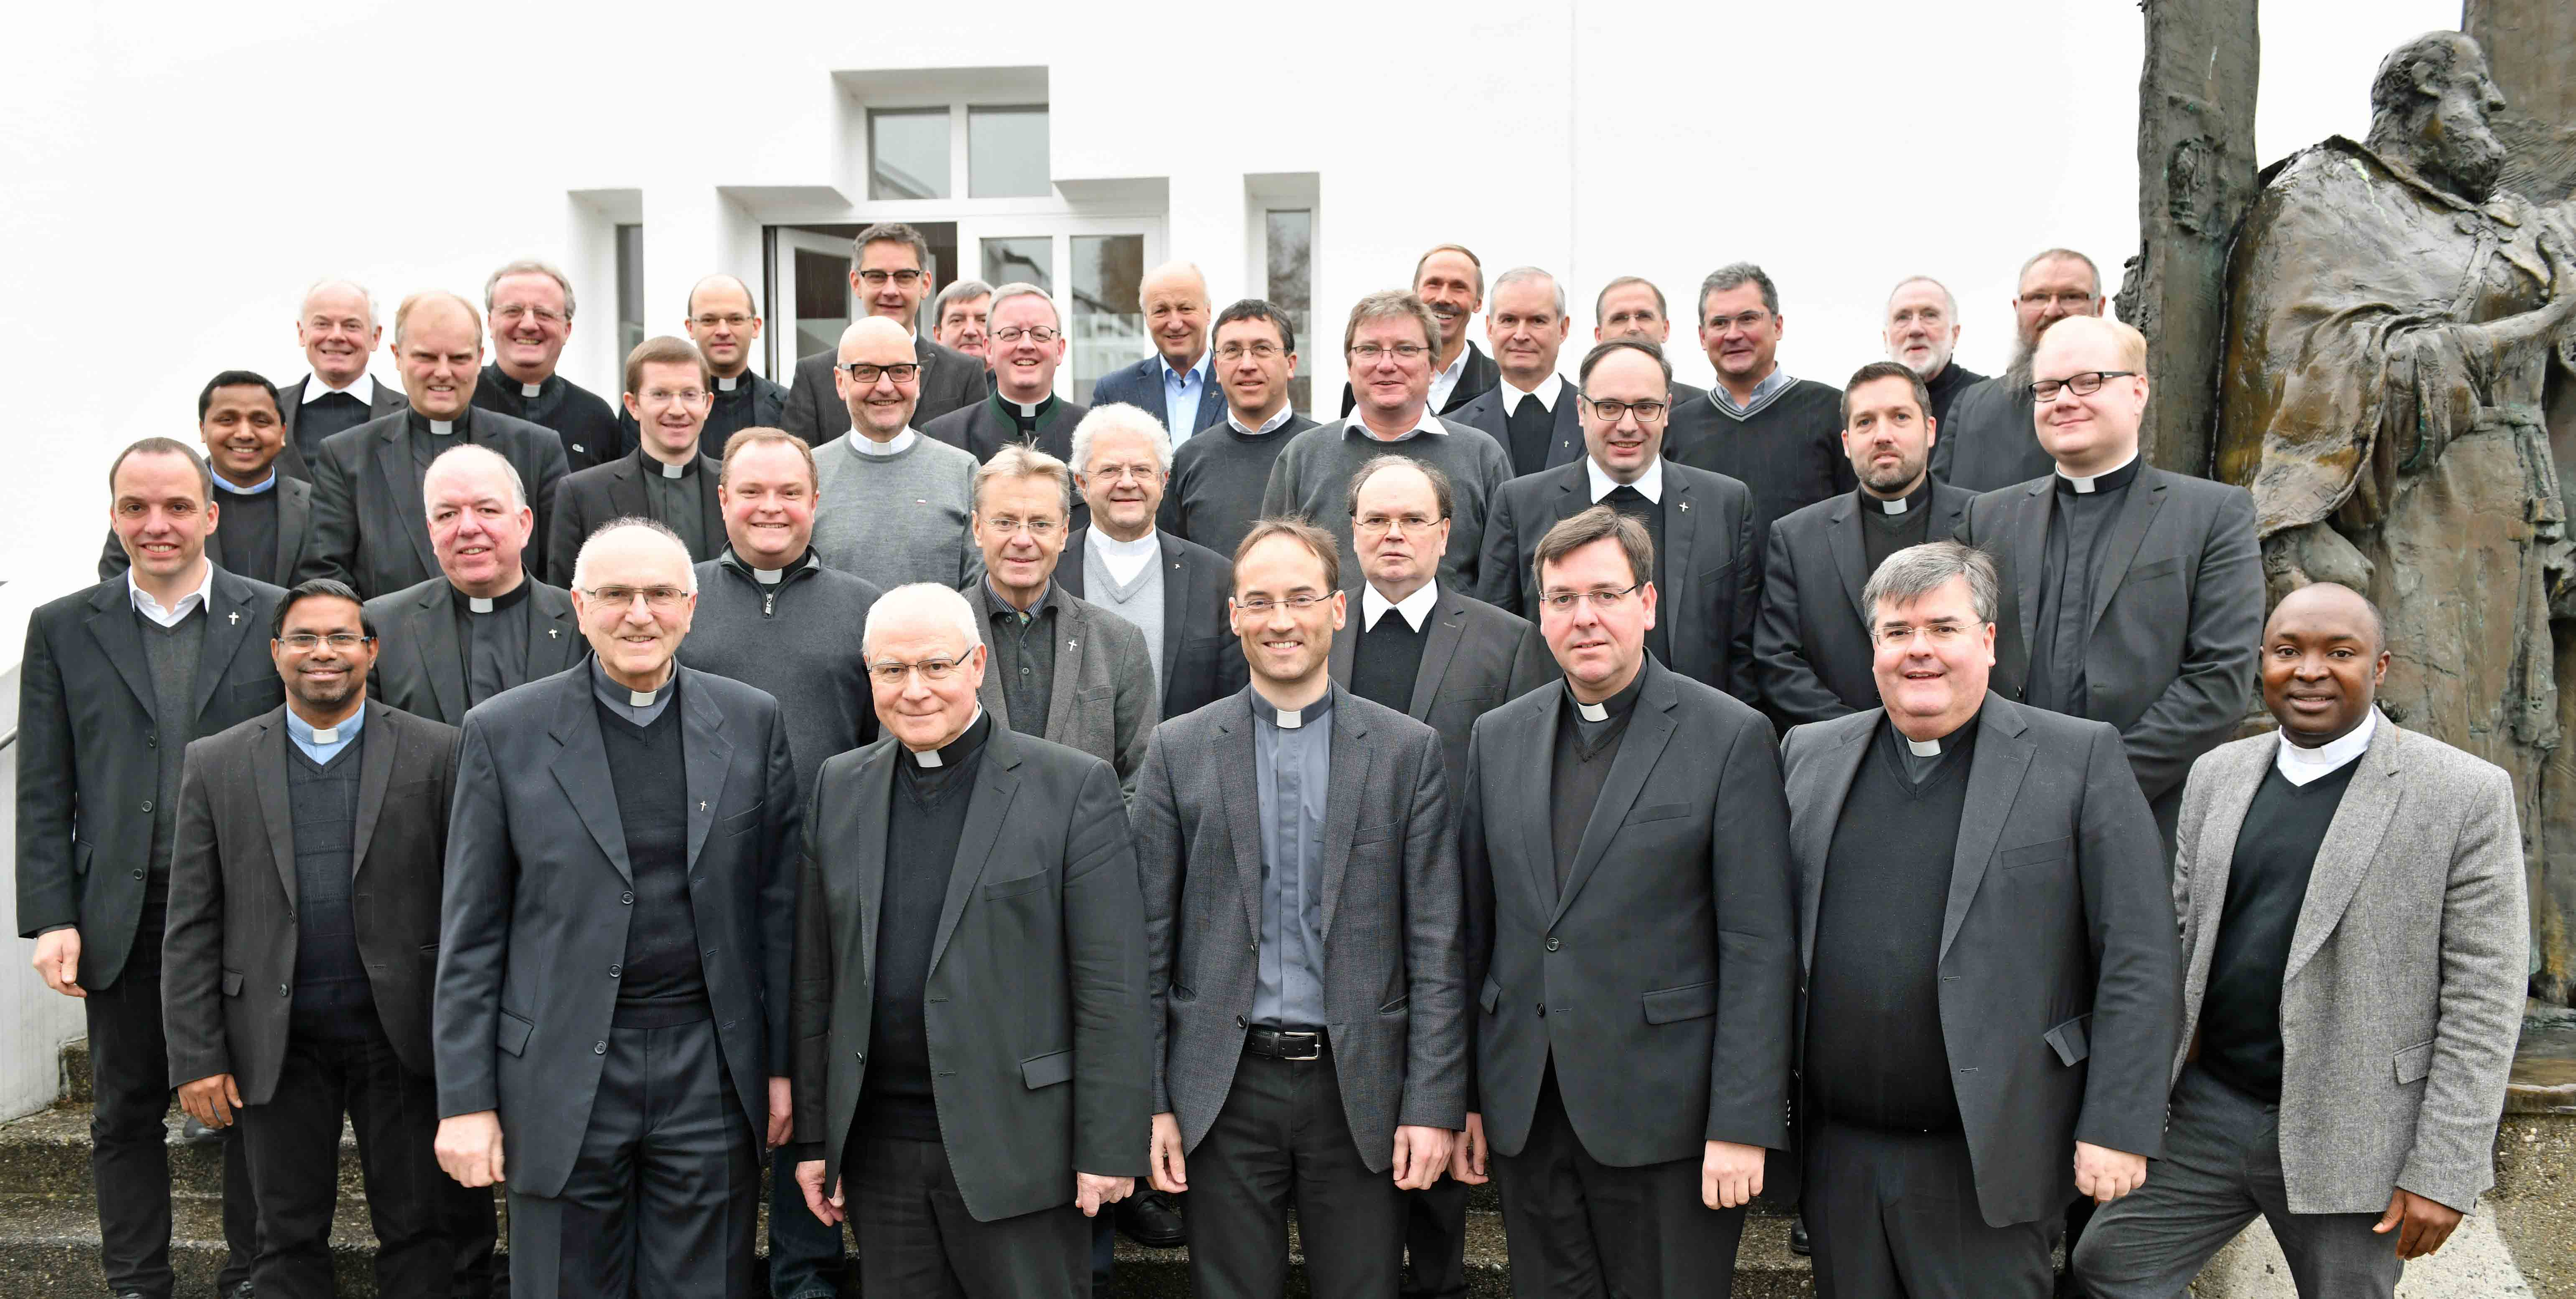 Beraten und repräsentieren: Der Priesterrat der Diözese mit seinen geborenen, gewählten und berufenen Mitgliedern. (Foto: Nicolas Schnall / pba)